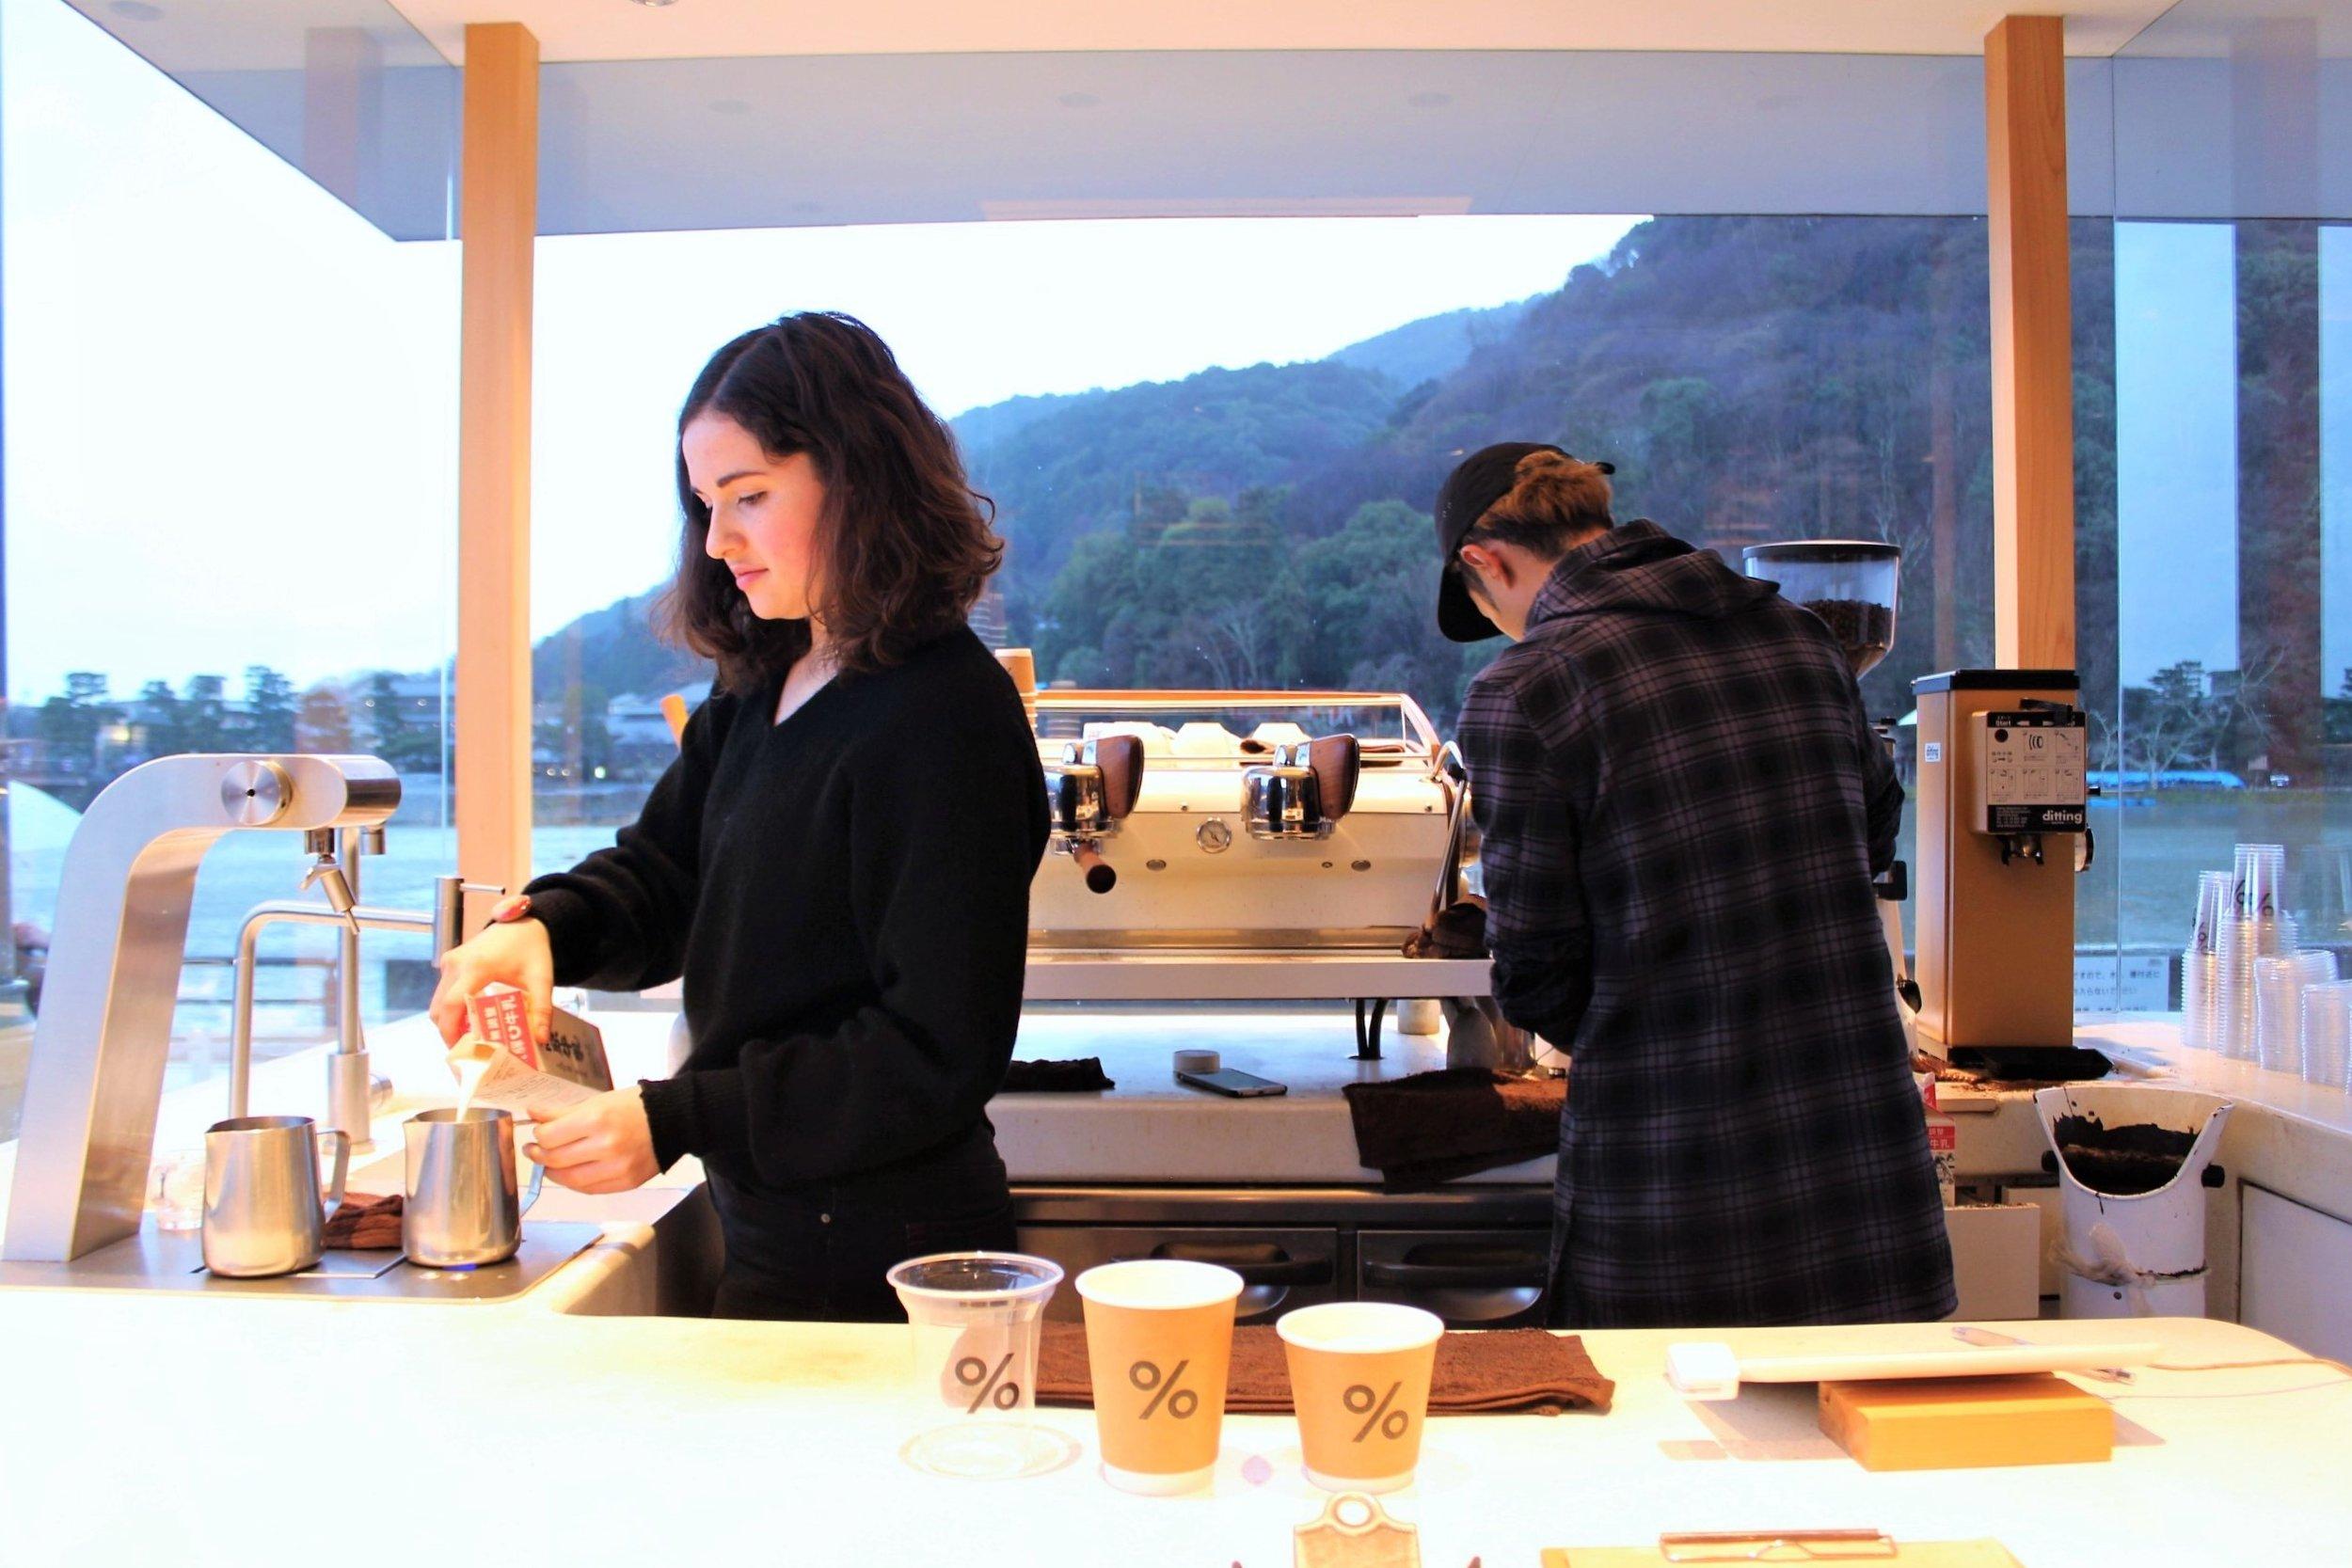 Preparing the Lattes